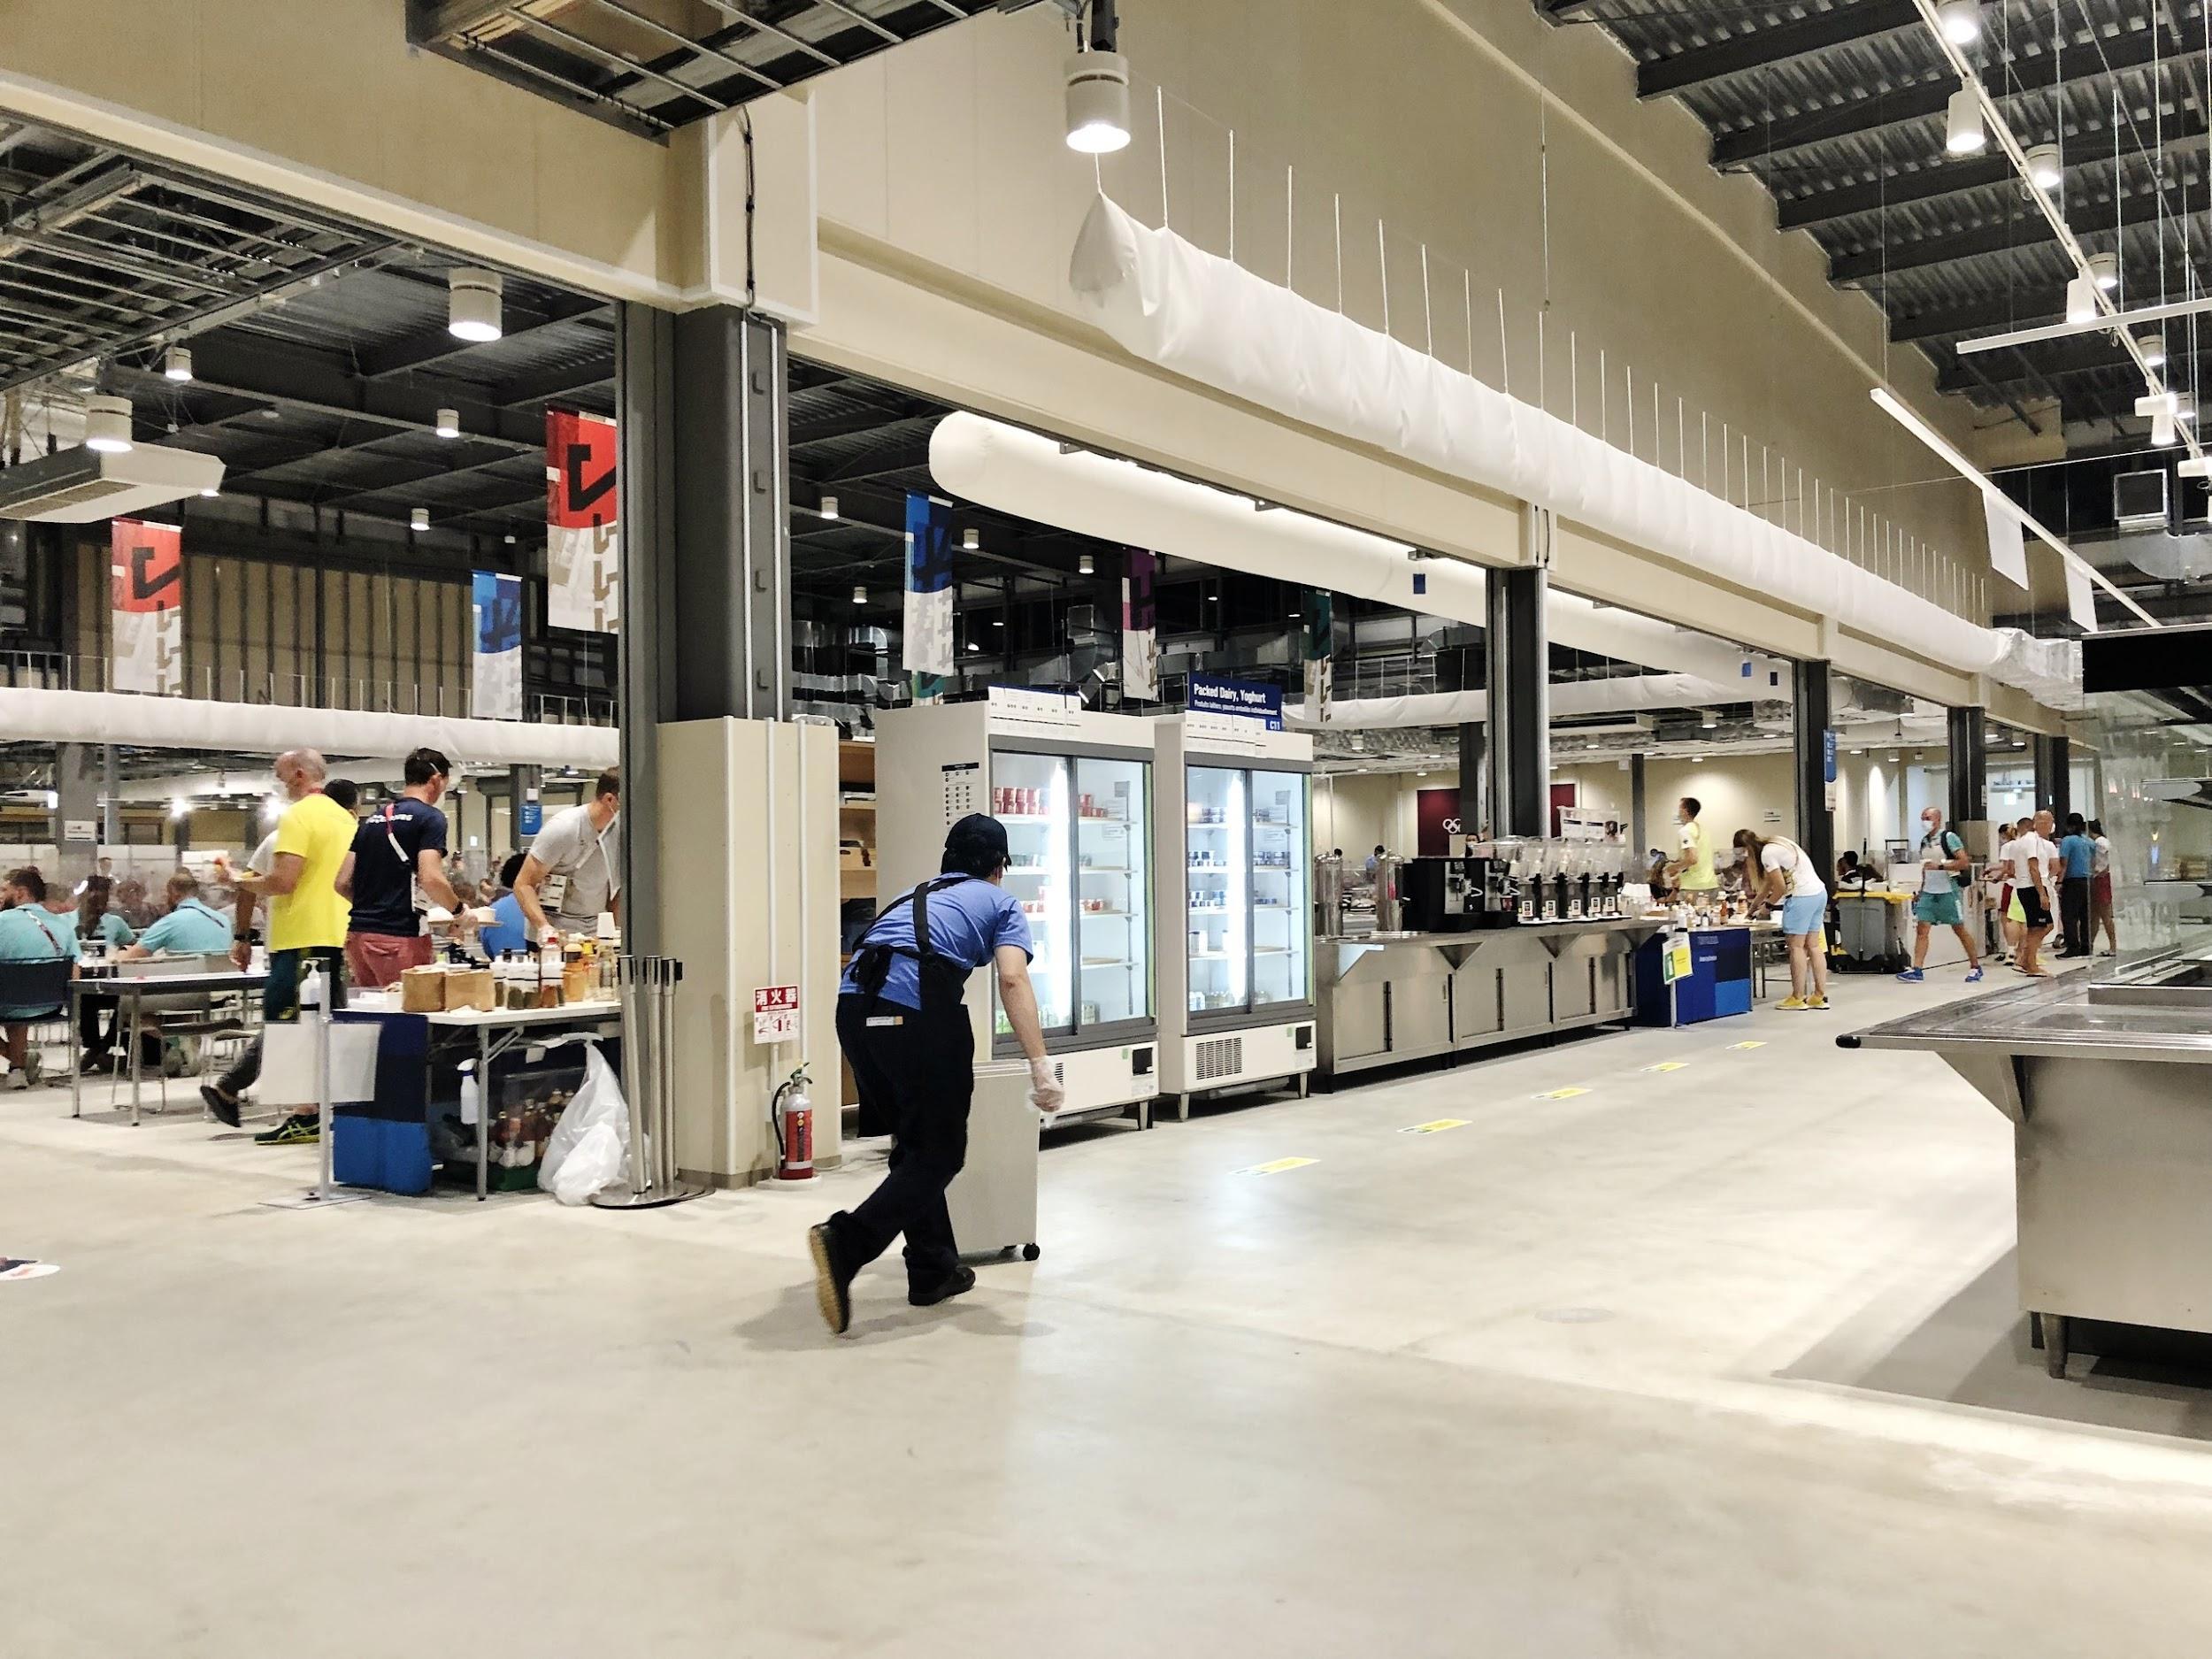 Olympic Tokyo 2020: Có 700 món ăn mỗi ngày, nổi bật với Phở và thịt bò Wagyu - 4